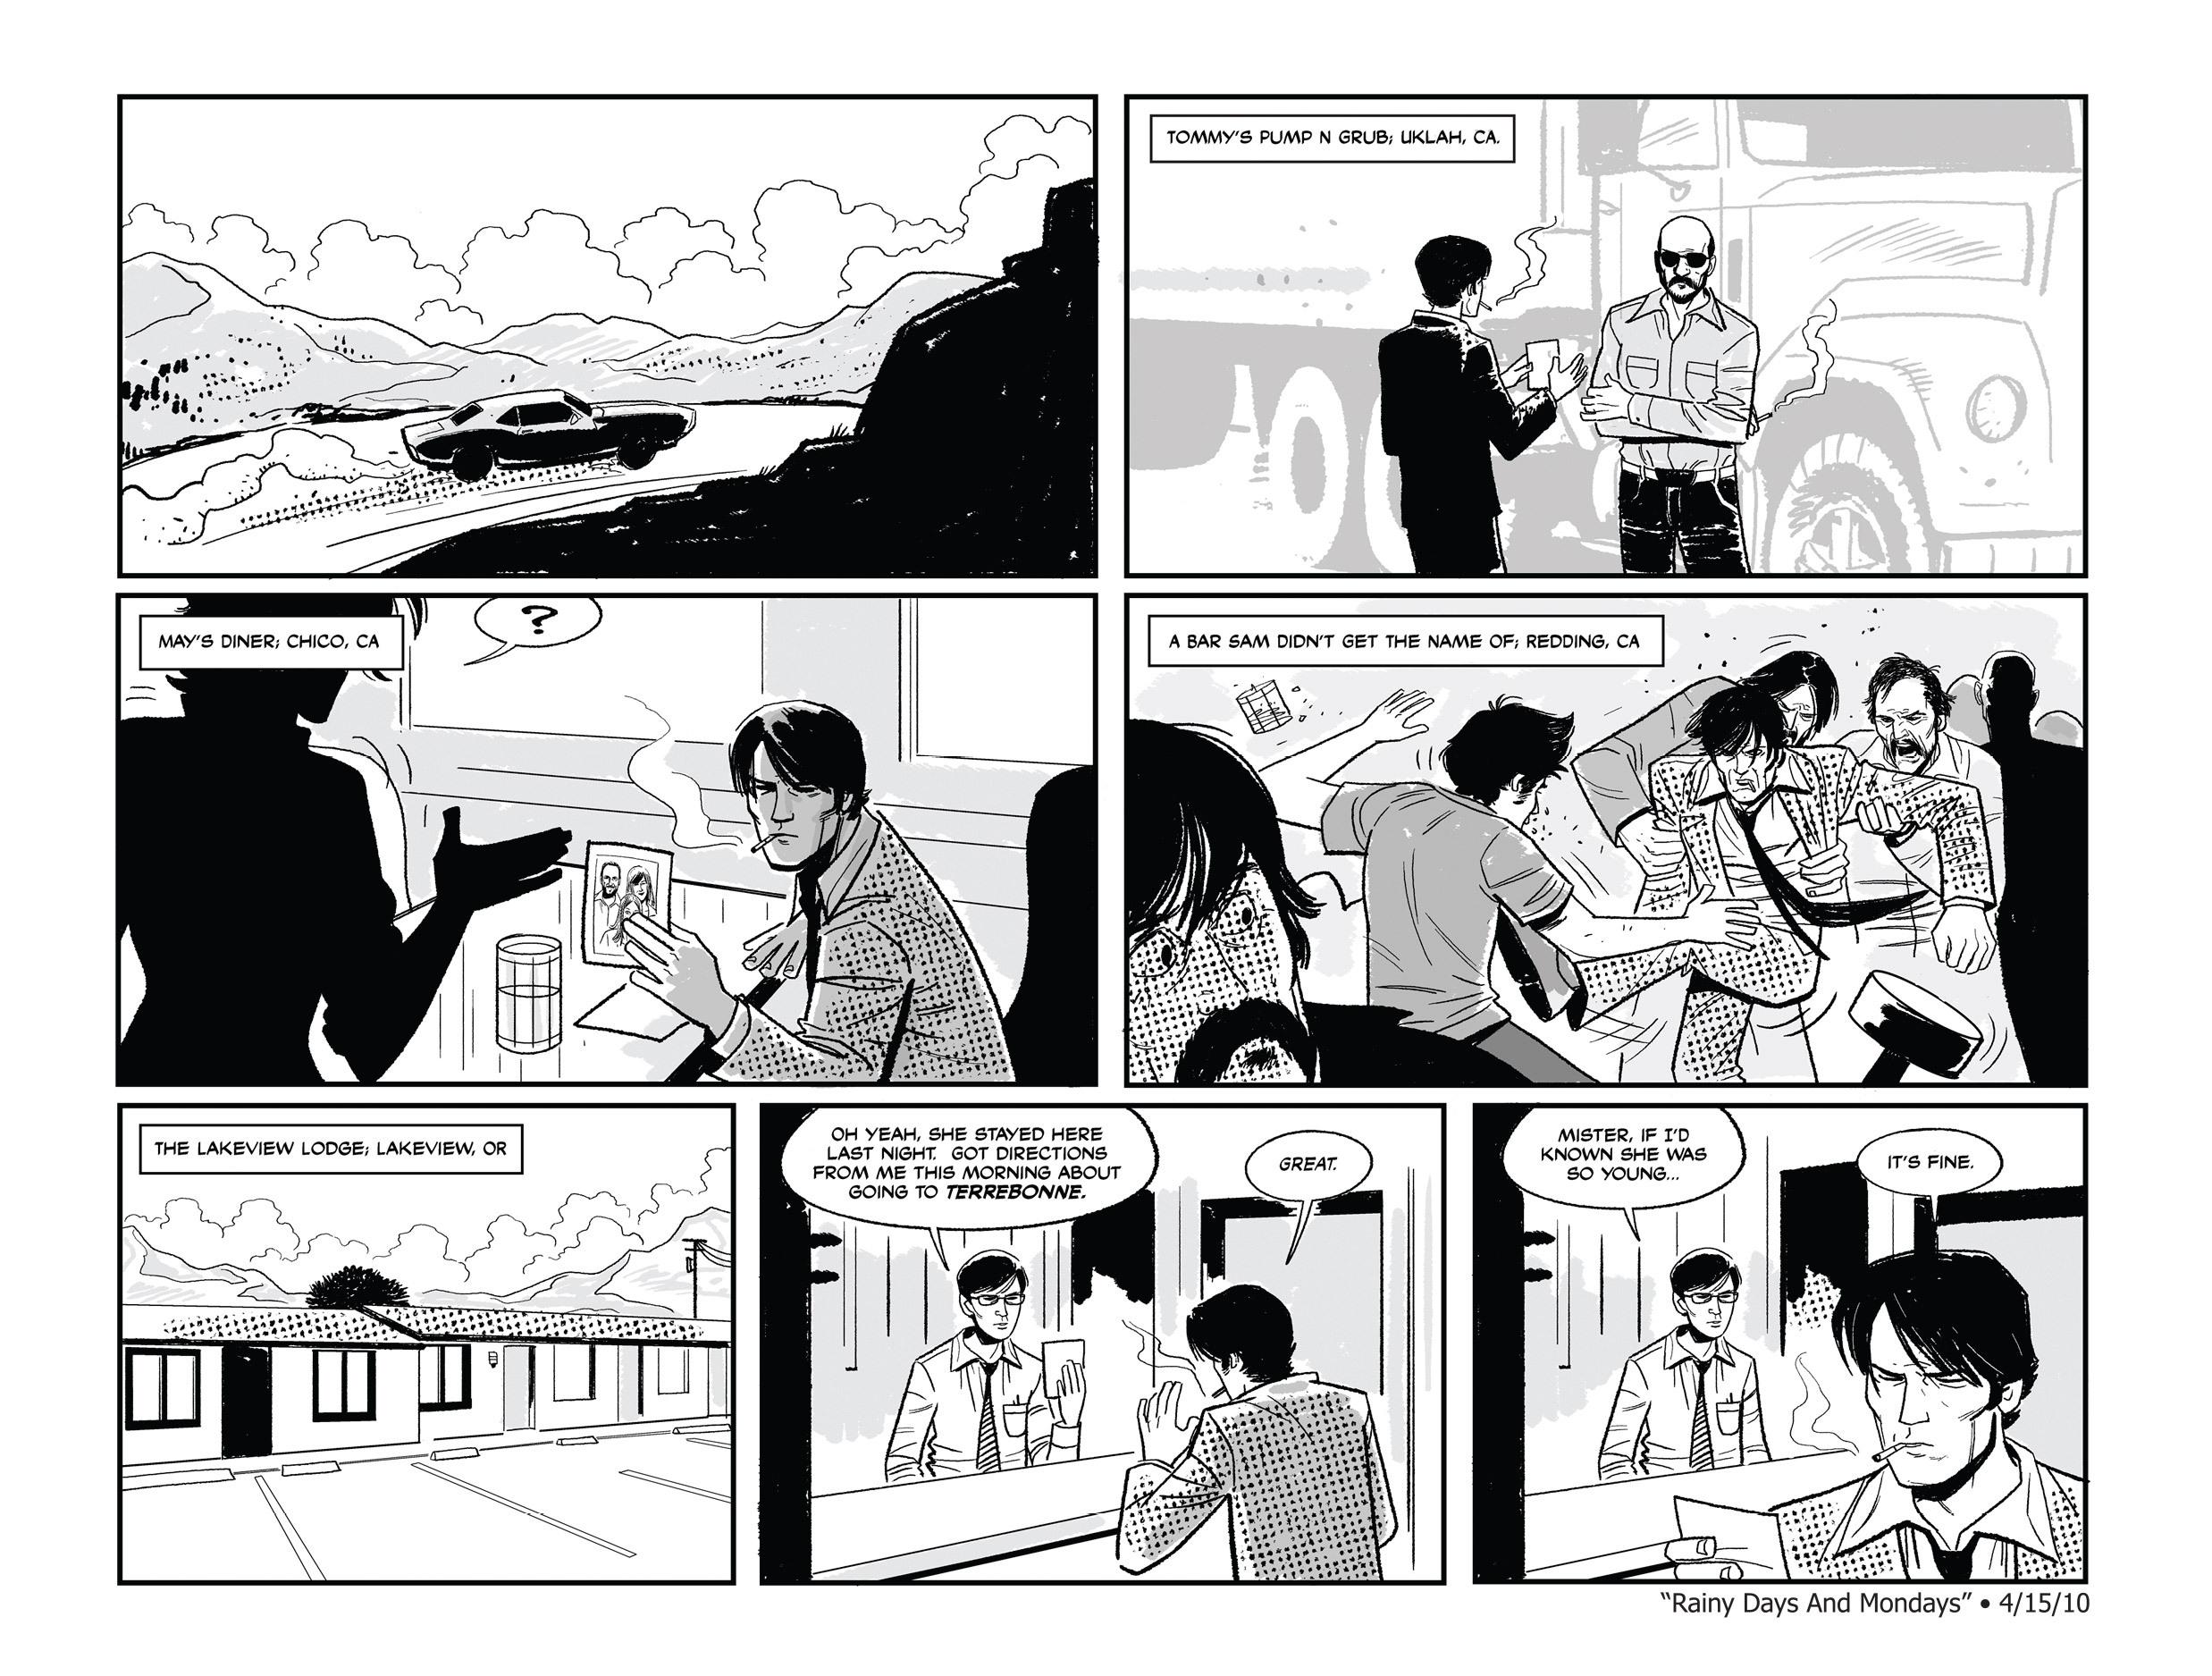 Read online She Died In Terrebonne comic -  Issue #2 - 17